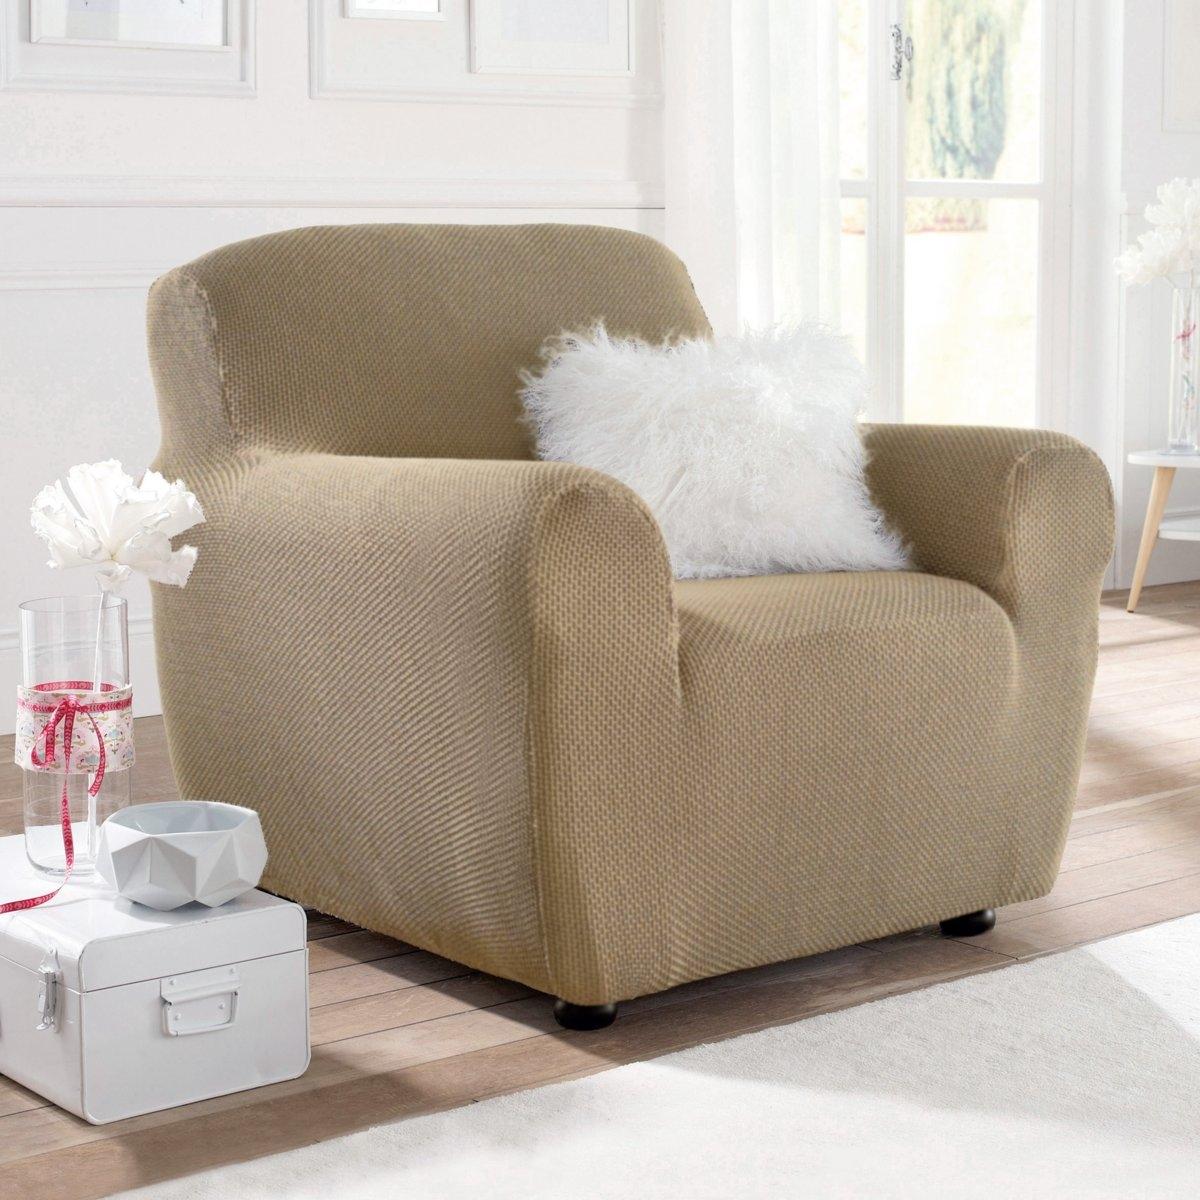 Чехлы для кресла и диванаИз эластичной гофрированной ткани, 55% хлопка, 40% полиэстера, 5% эластана. Стирка при 30°. Эластичный низ прекрасно закрывает кресла, диваны и стулья любых типов.<br><br>Цвет: серо-бежевый<br>Размер: 2 места.3 местн.